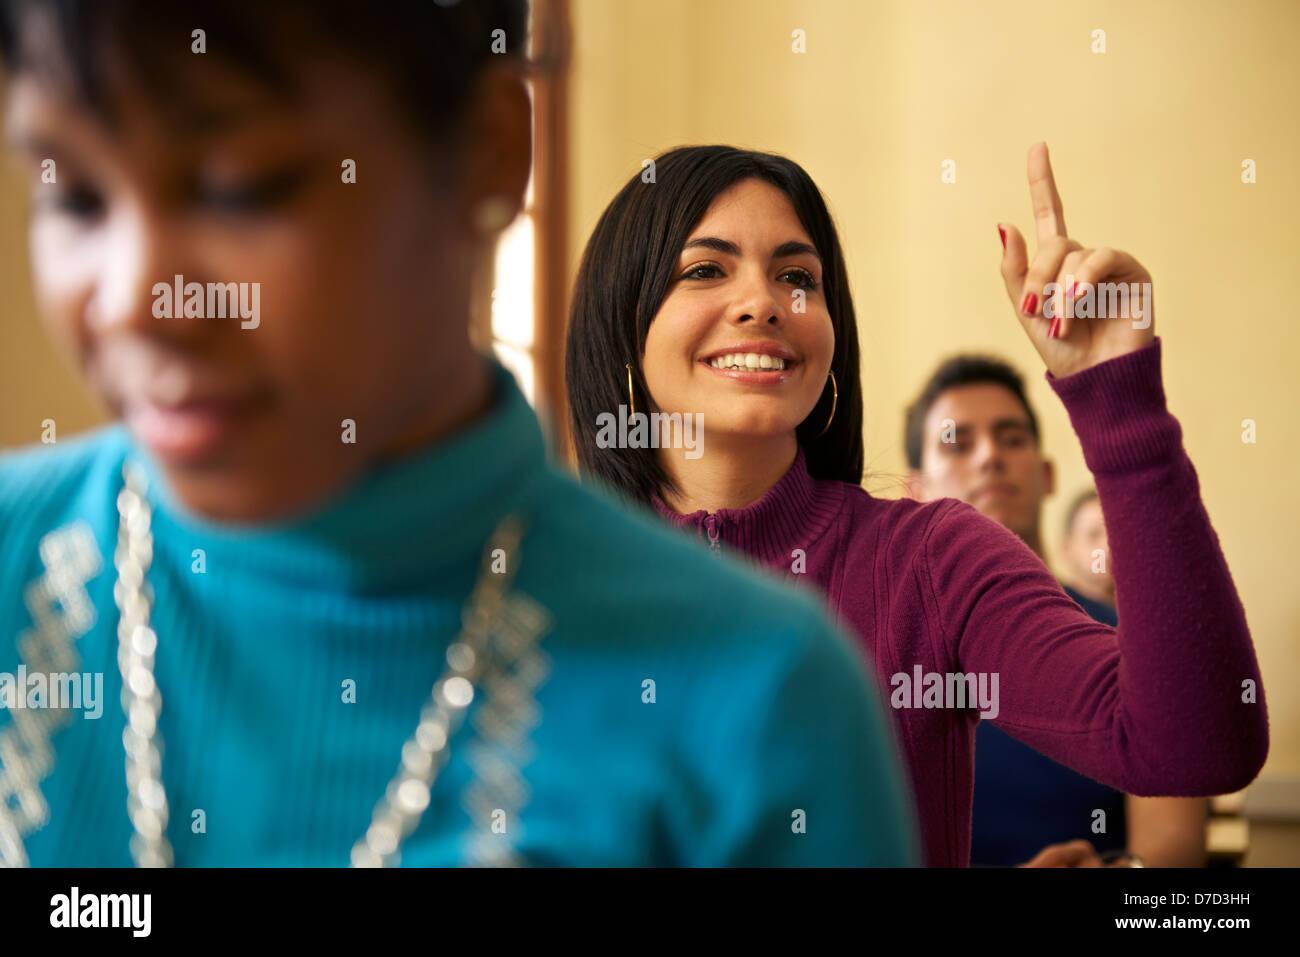 Estudiantes en clase de la universidad con la mujer levantando la mano para realizar preguntas al profesor Imagen De Stock